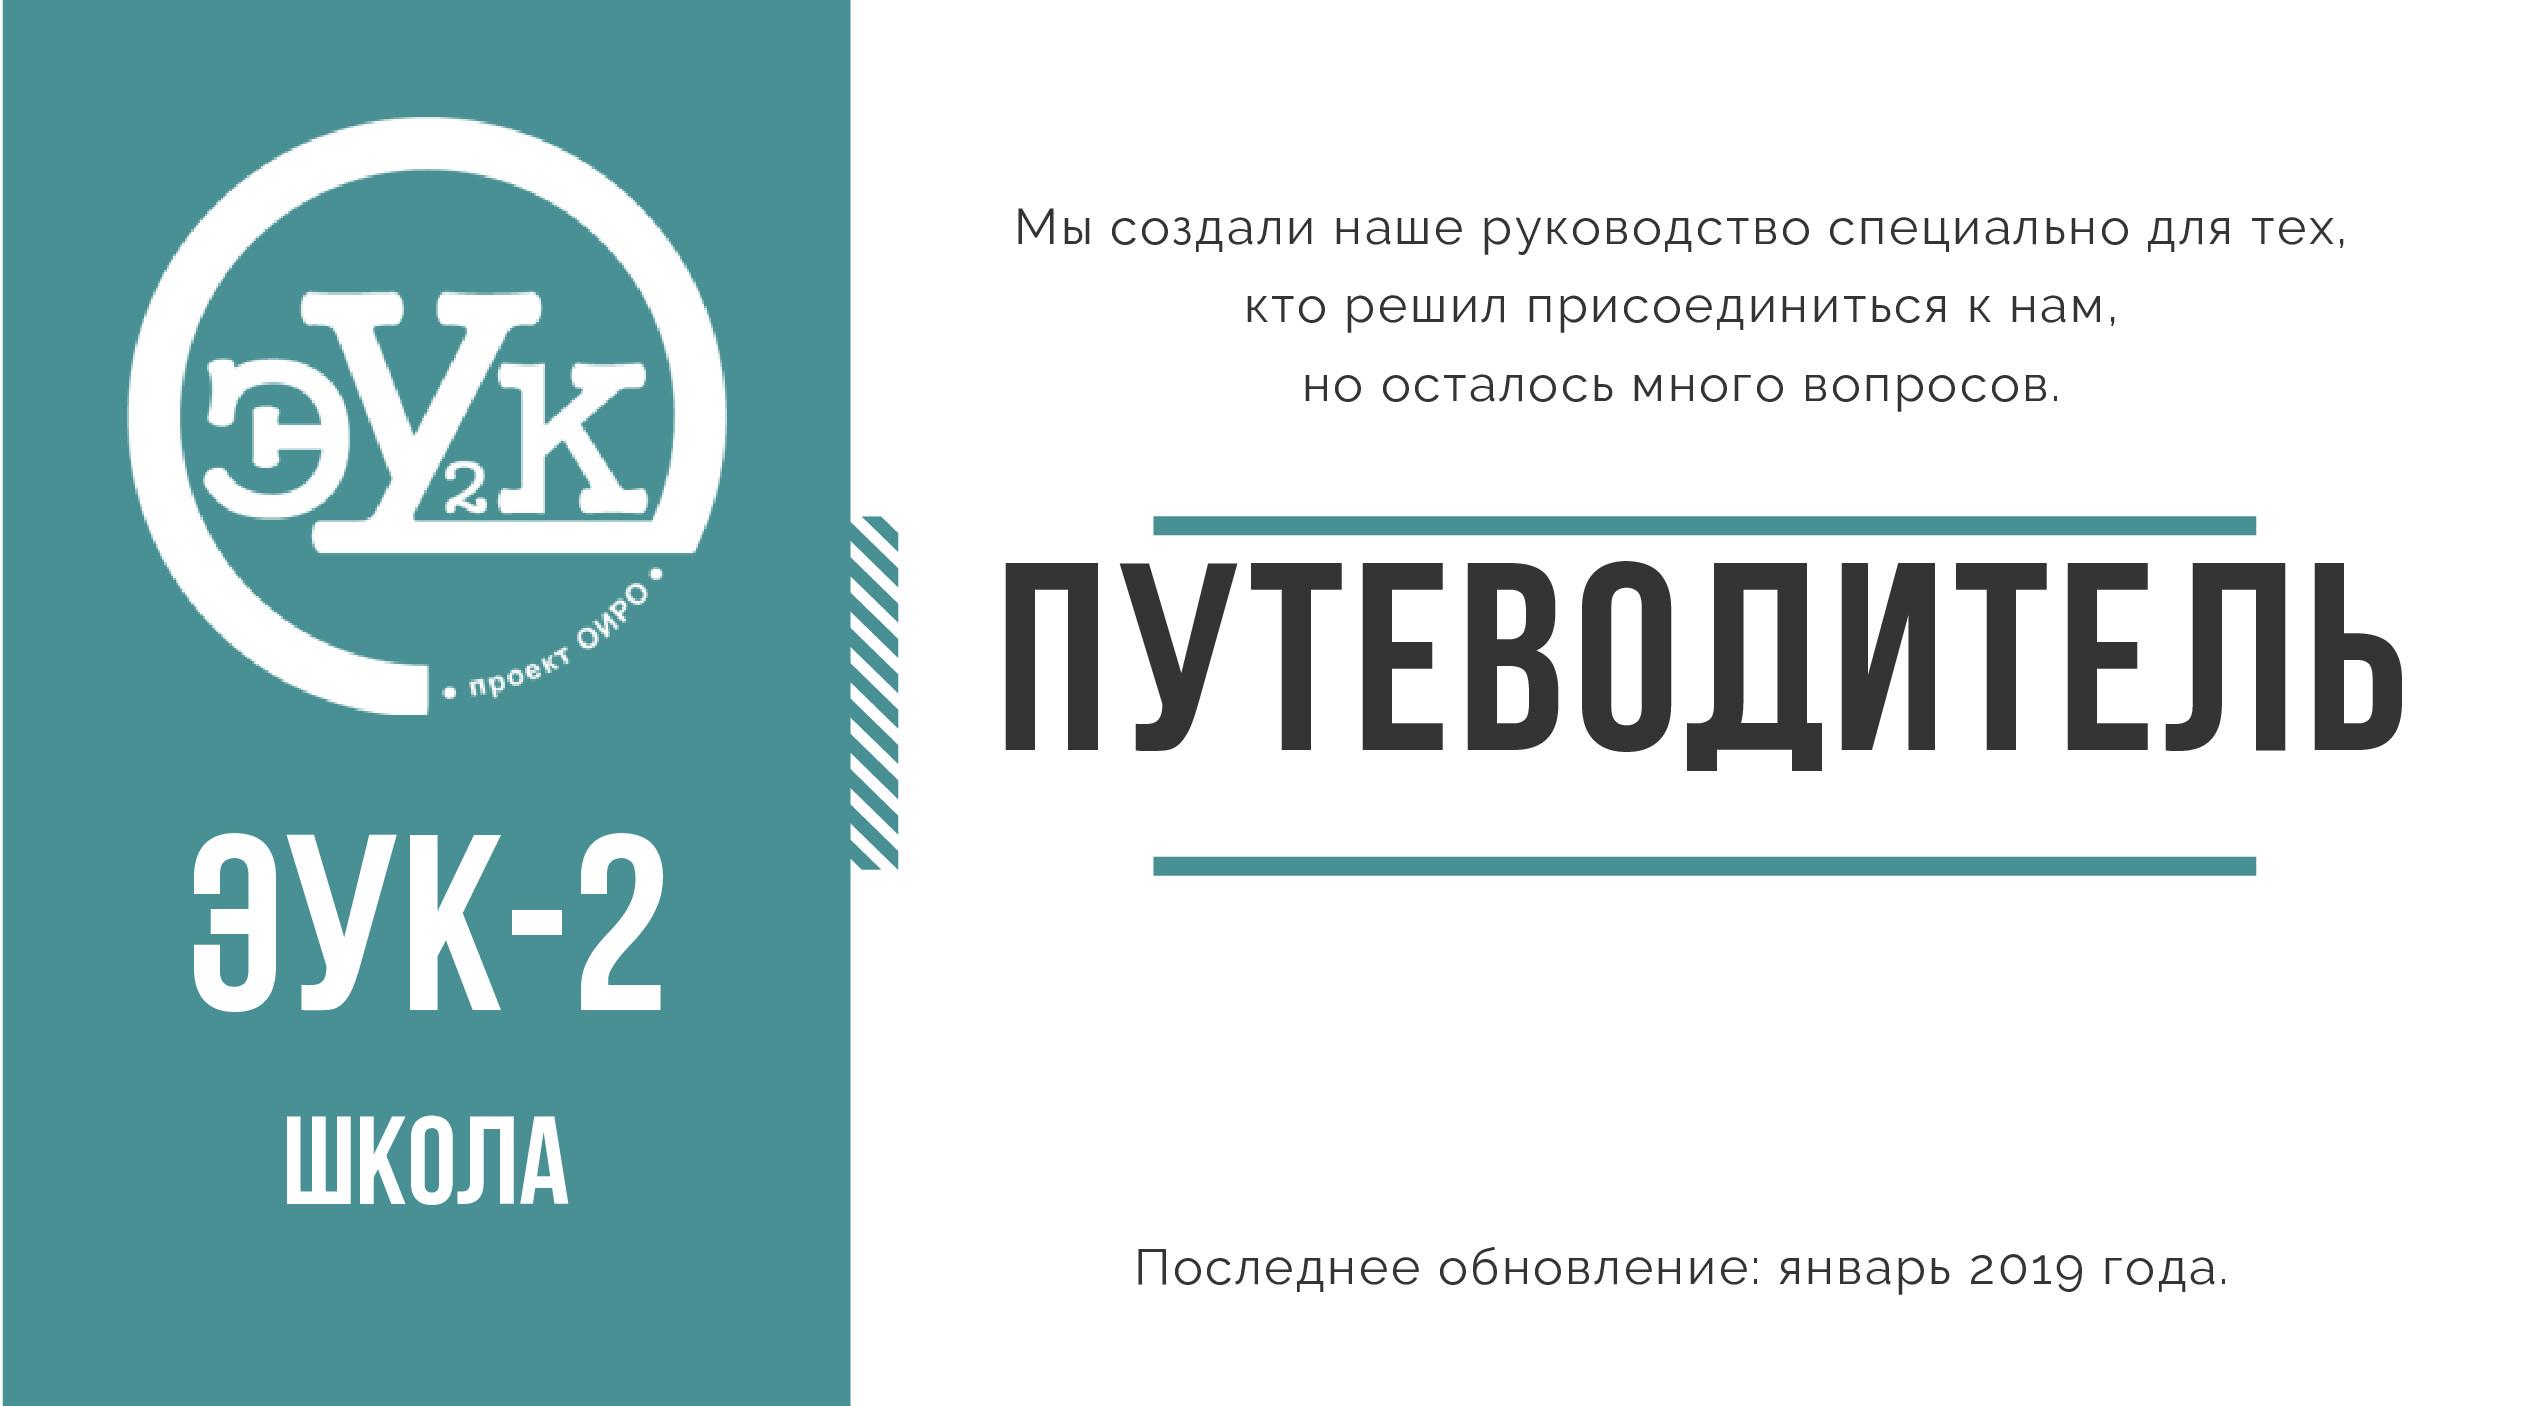 ПУТЕВОДИТЕЛЬ ЭУК2-0